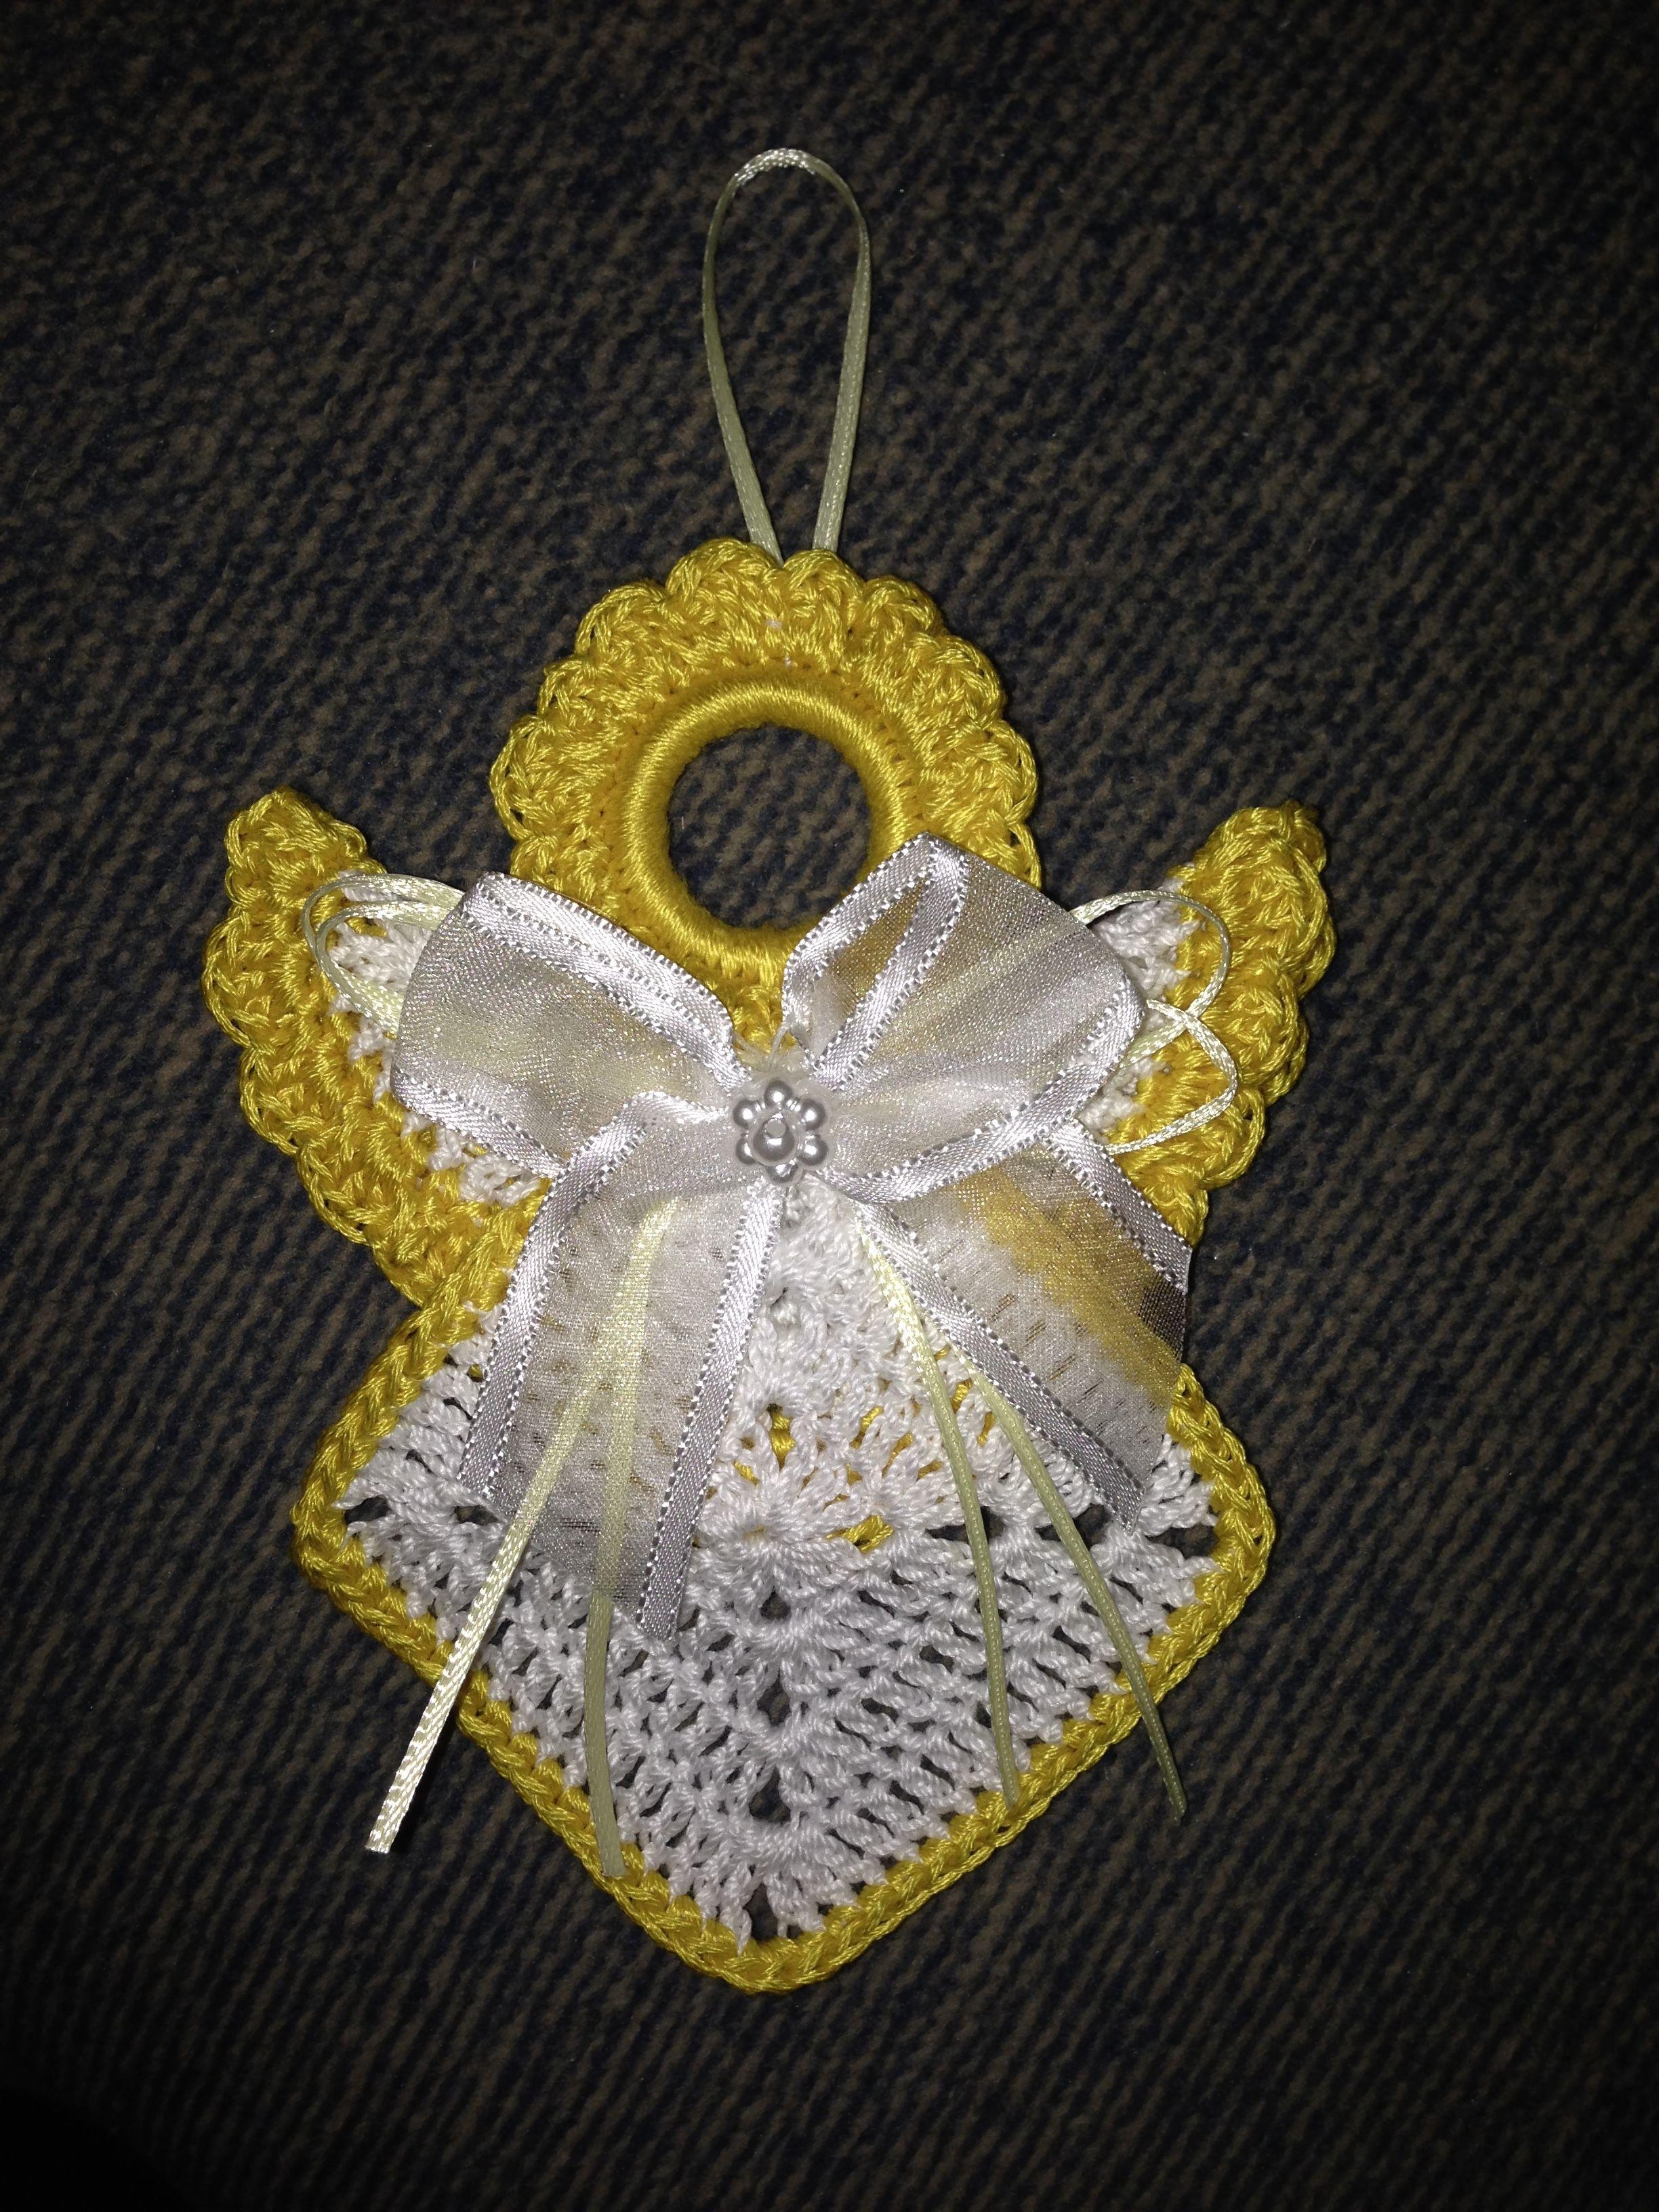 Pin von Sherry L Beckwith auf Crochet Angels | Pinterest | Häckeln ...